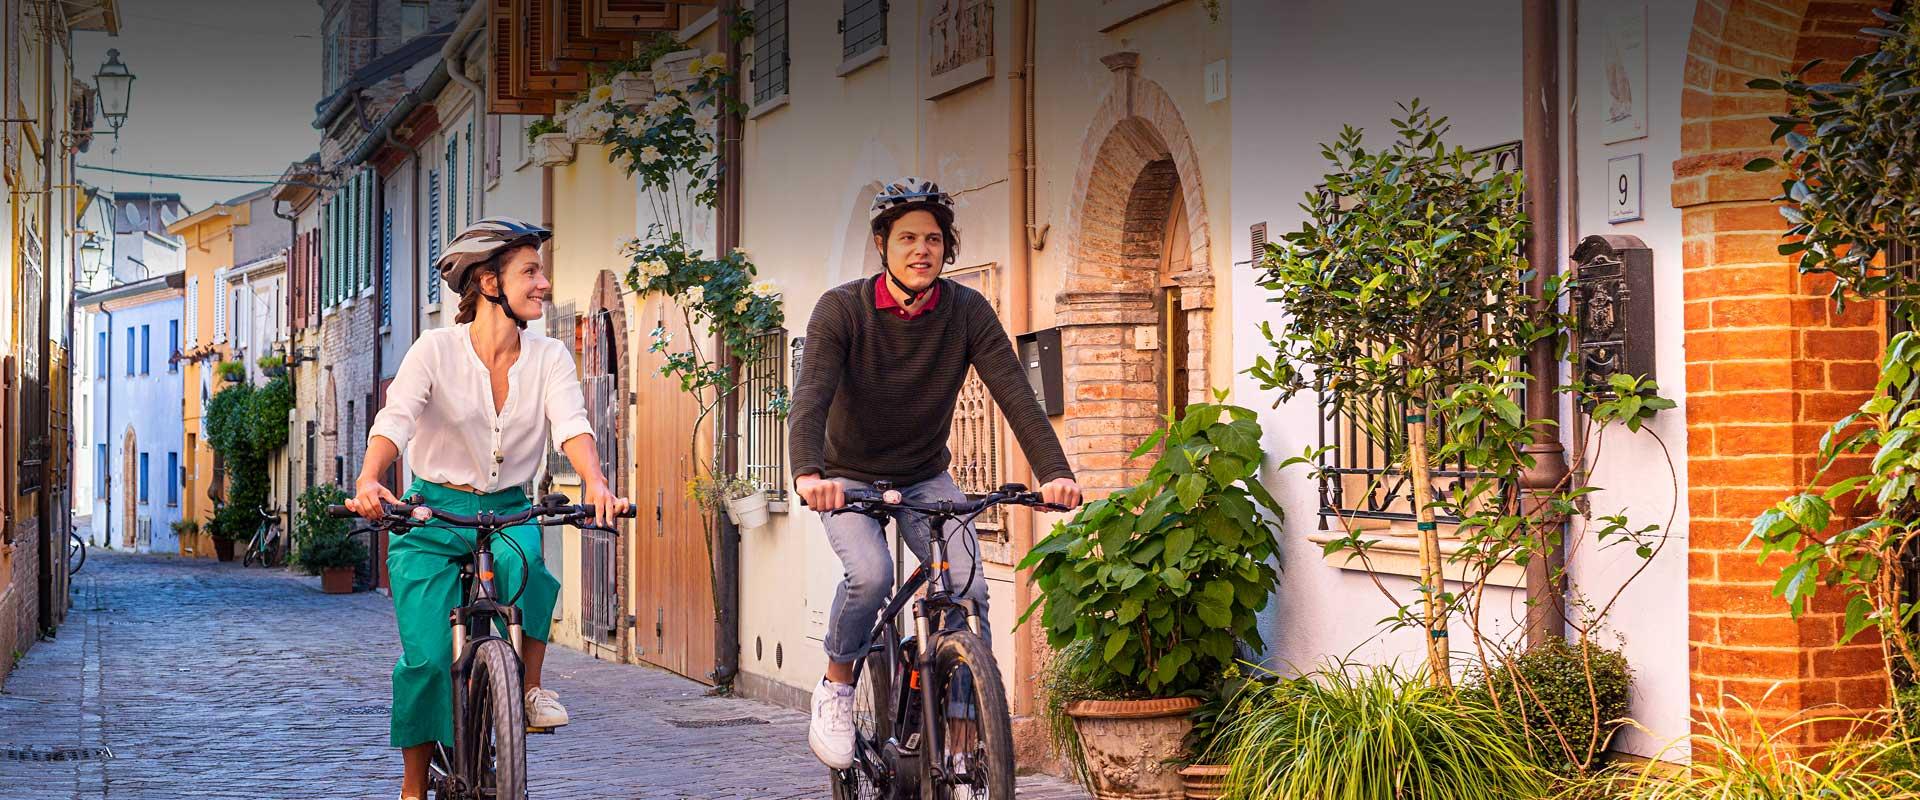 e-Bike Tour Rimini: i mille volti della città felliniana